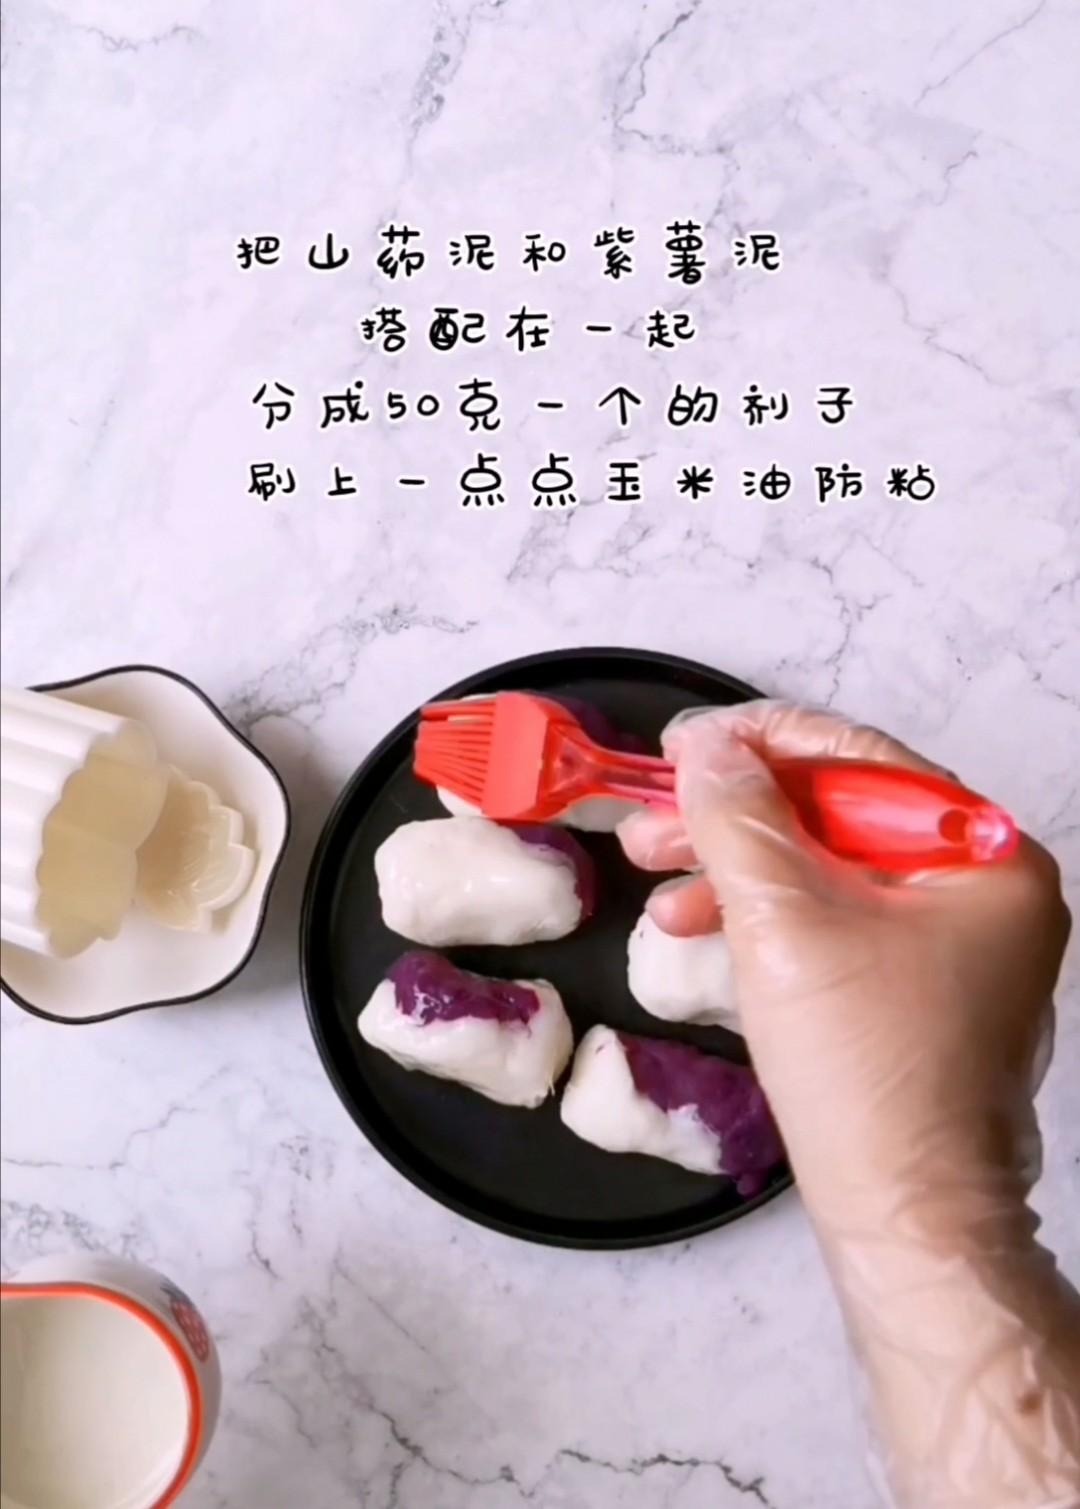 美容养颜的蜂蜜山药紫薯糕怎么吃